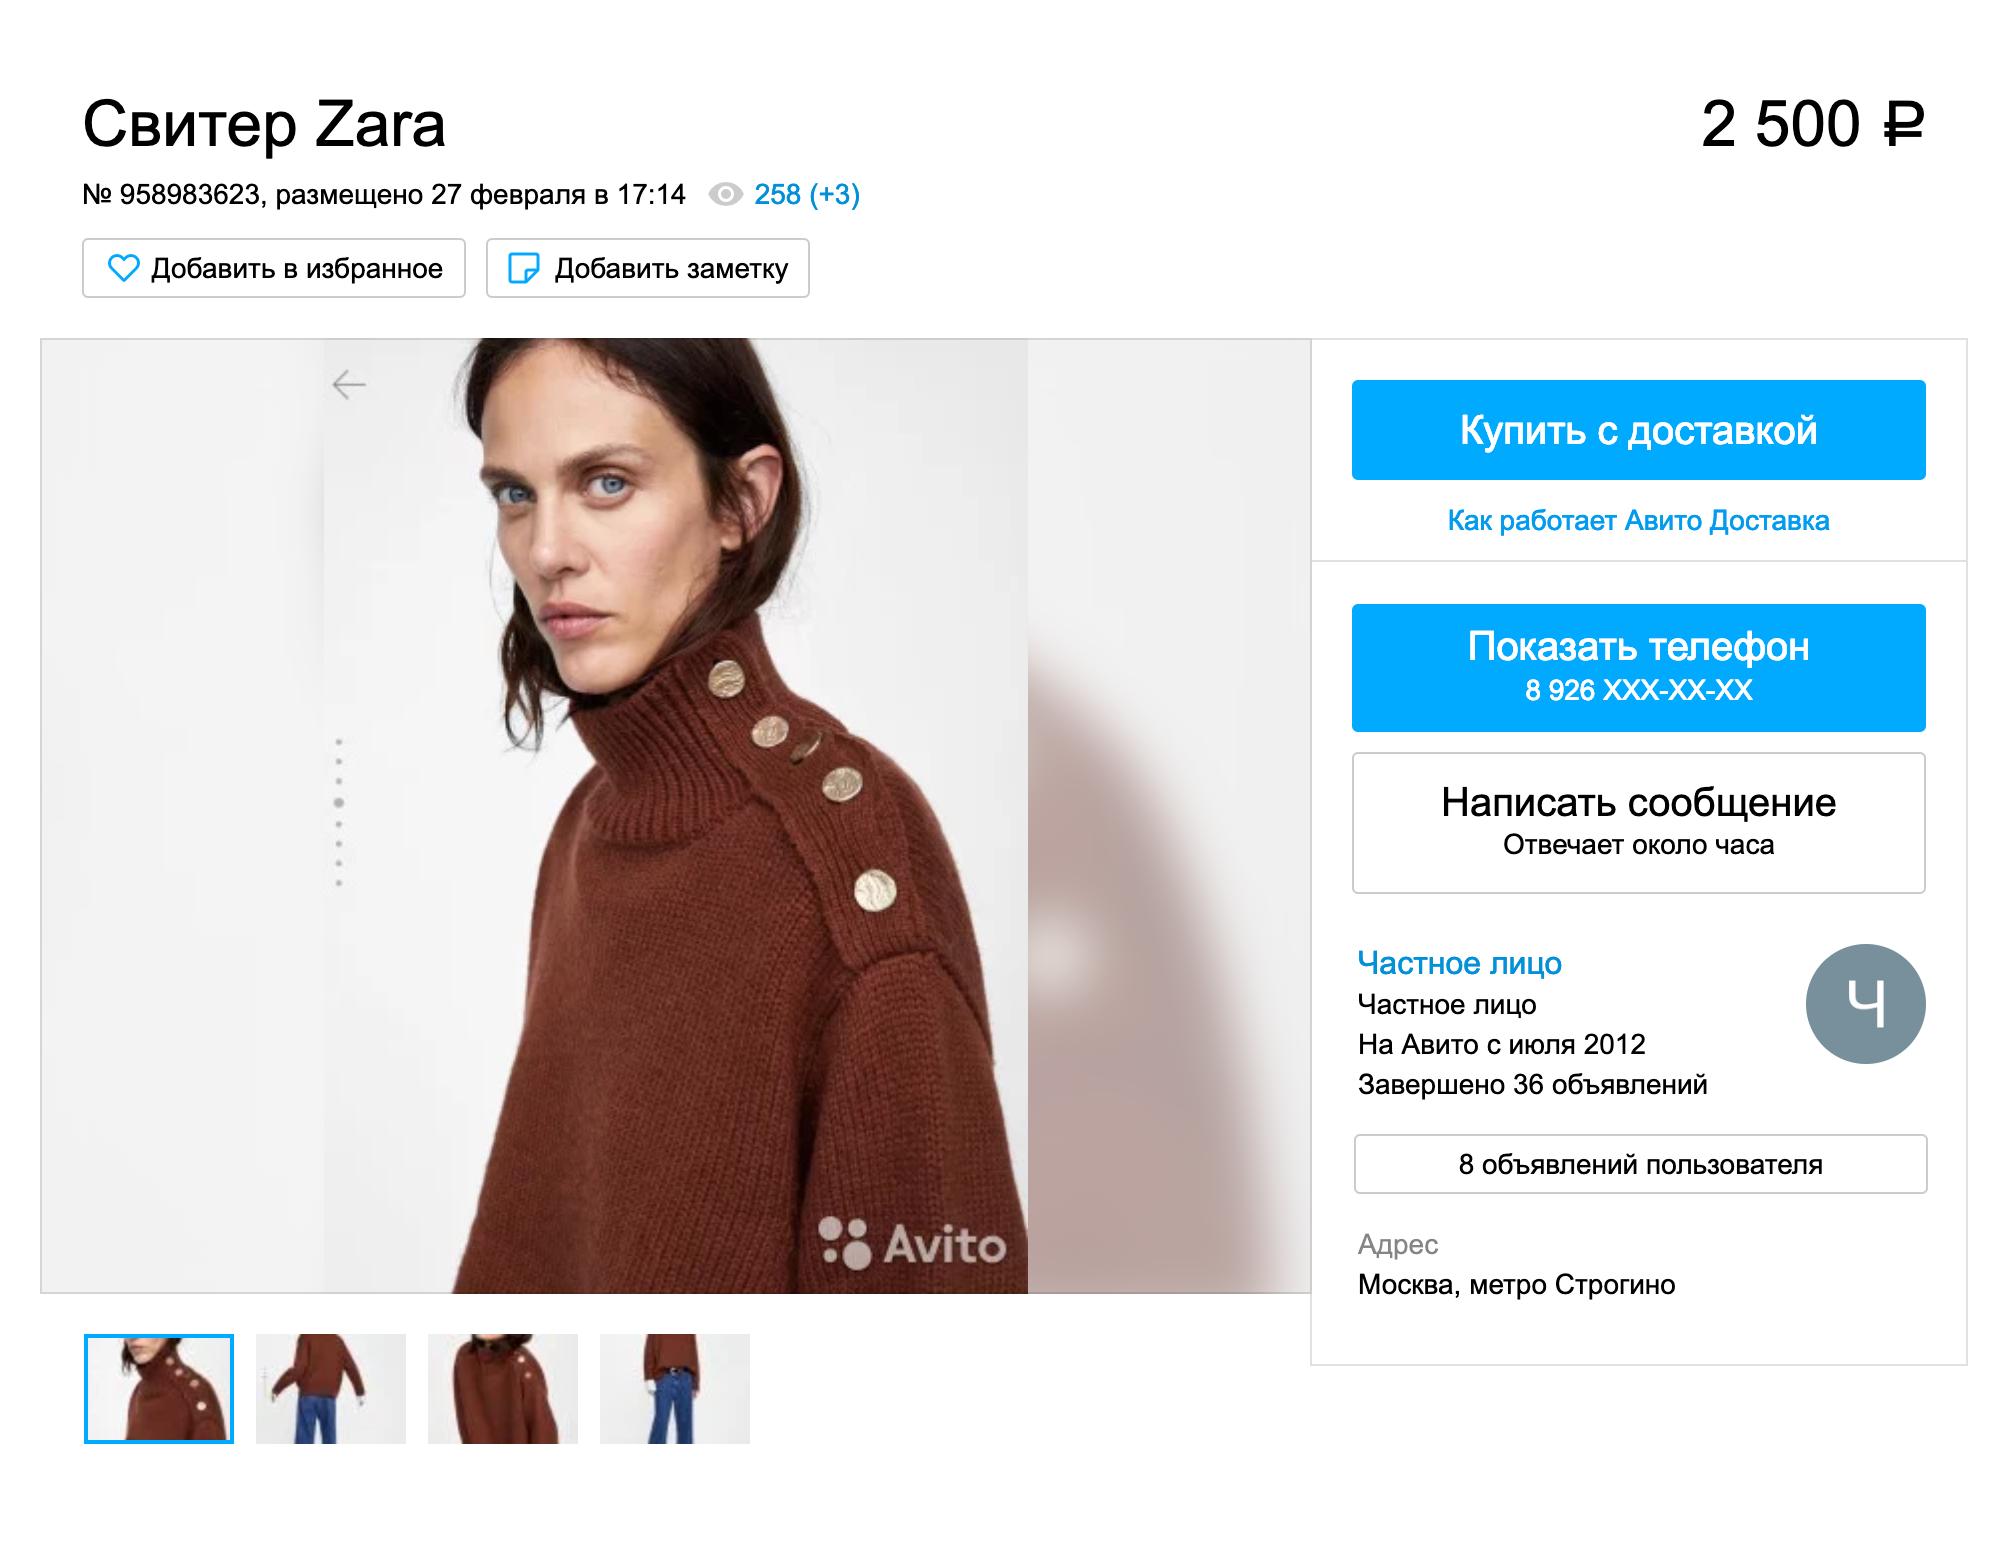 Новый свитер стоит примерно столько же, а реальных фотографий свитера нет — купить в магазине кажется безопаснее